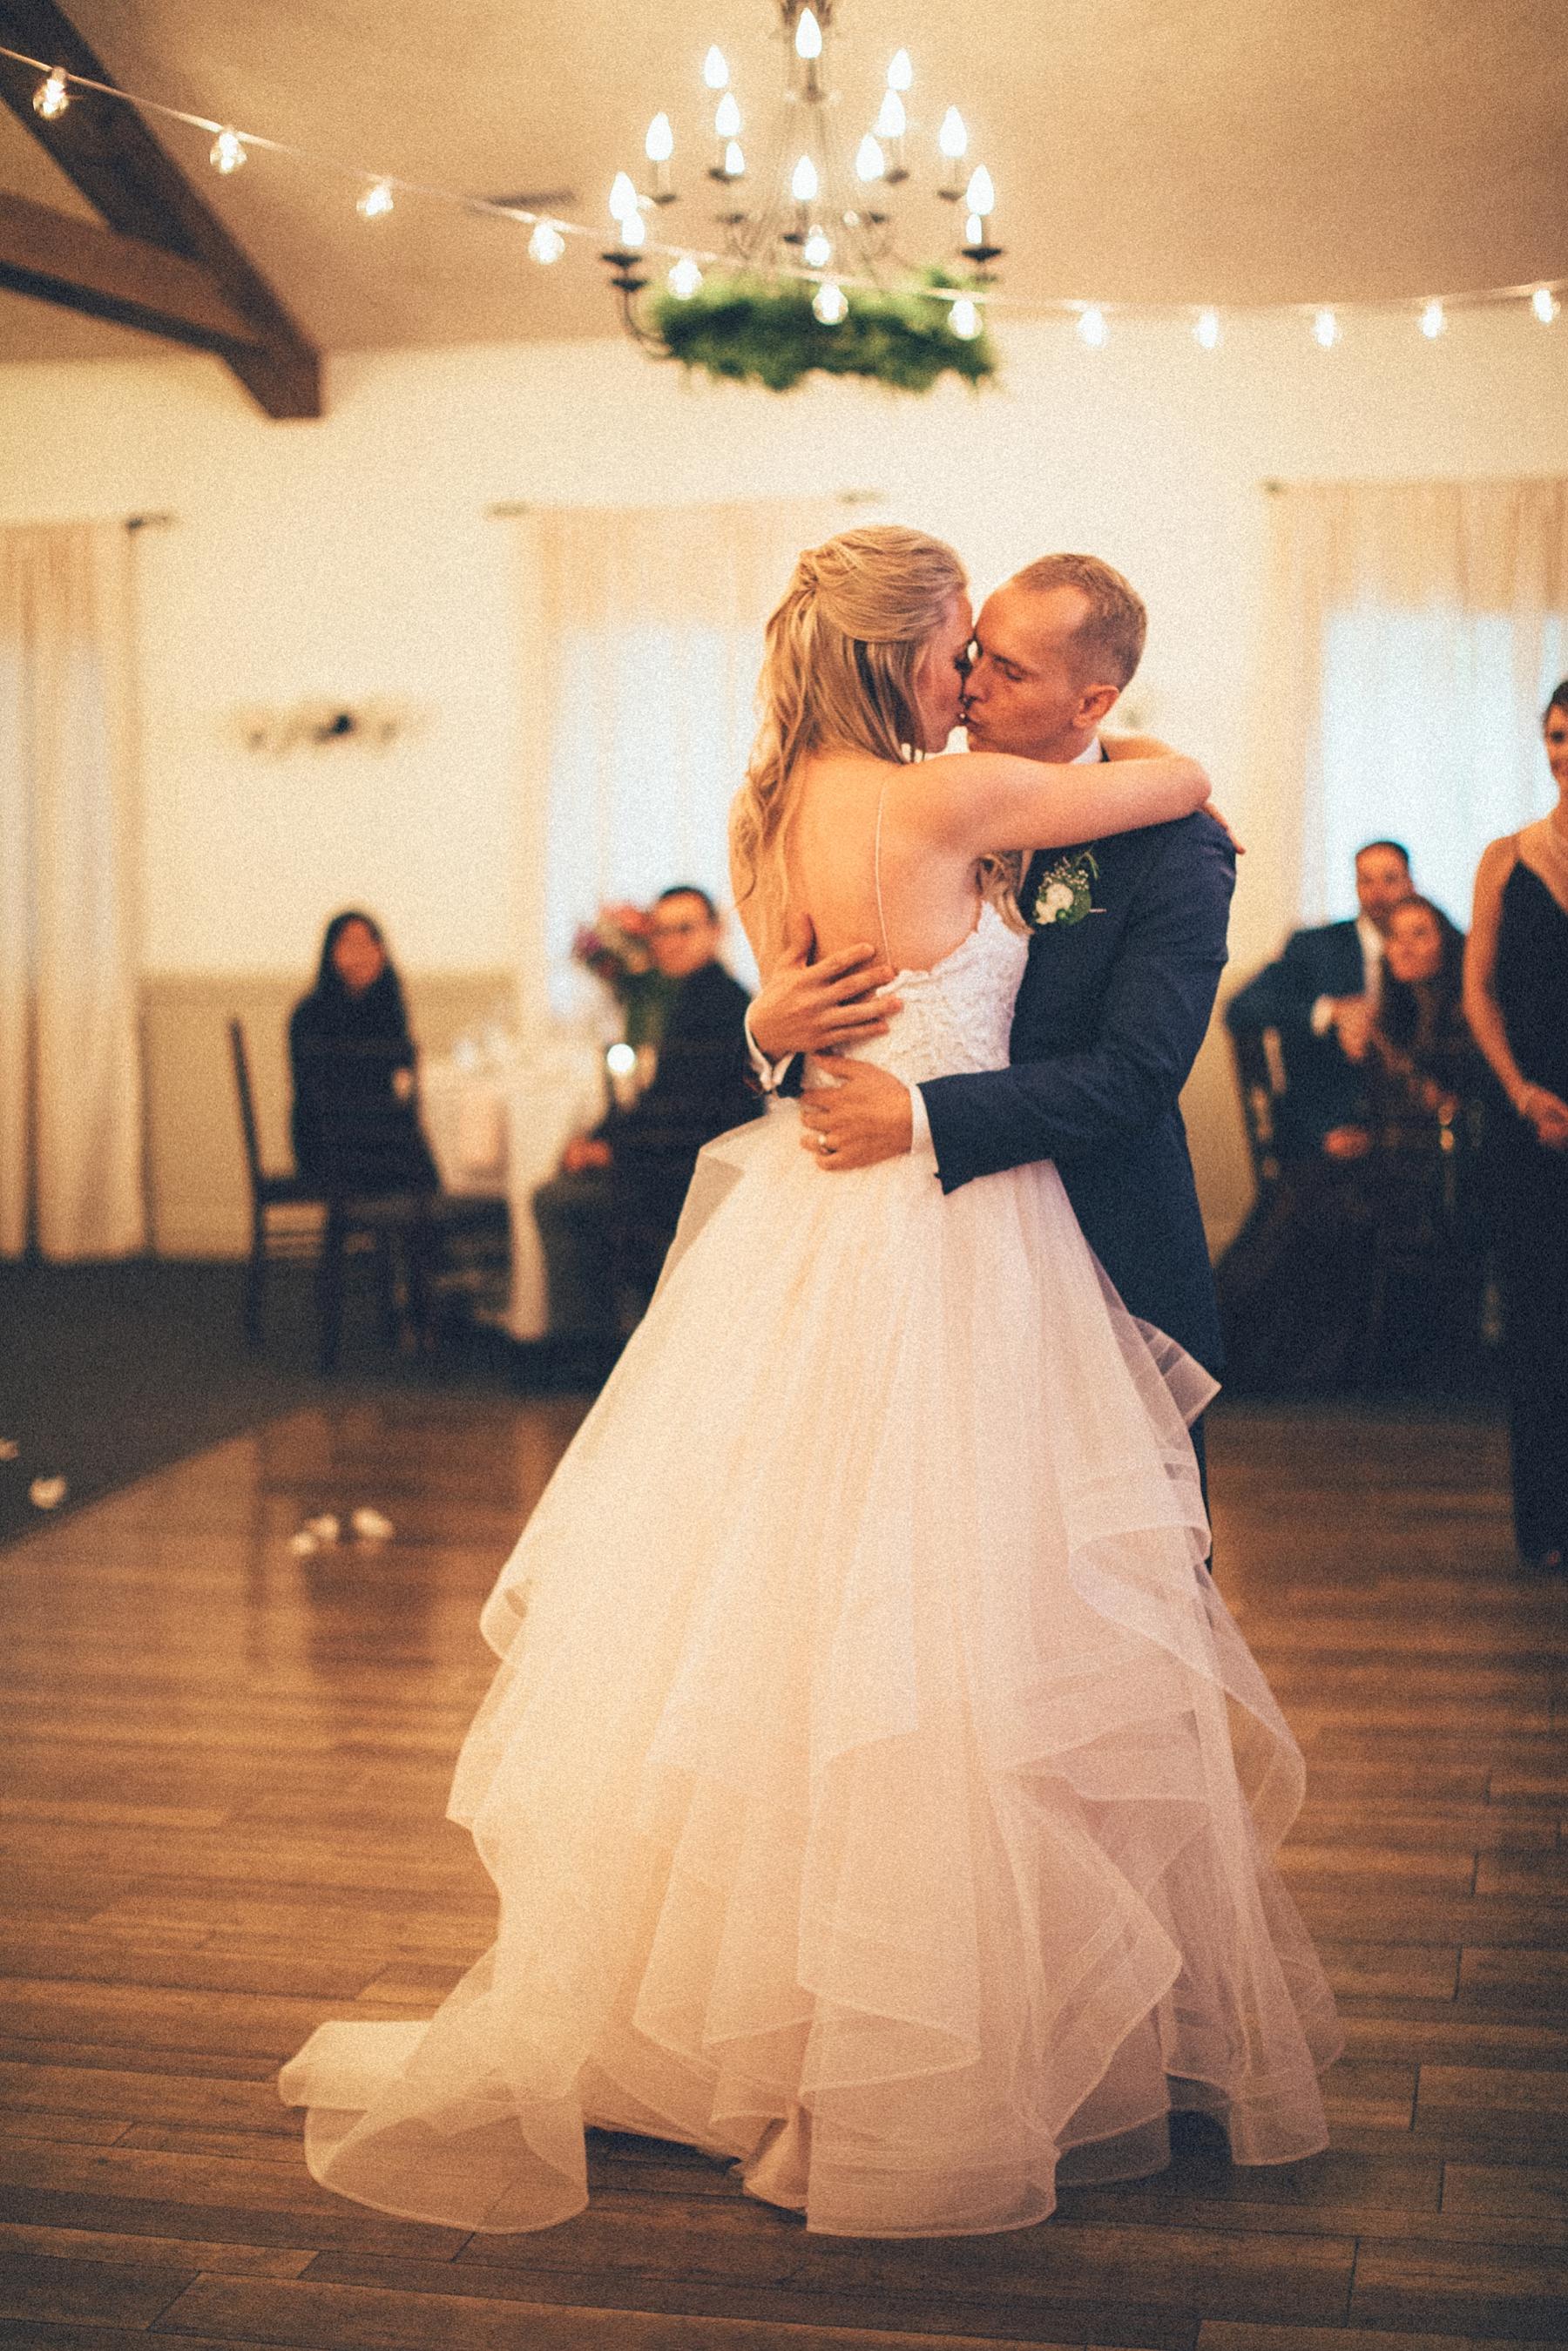 childhood-home-wedding-new-hope-pa-lambertville-nj_0073.jpg